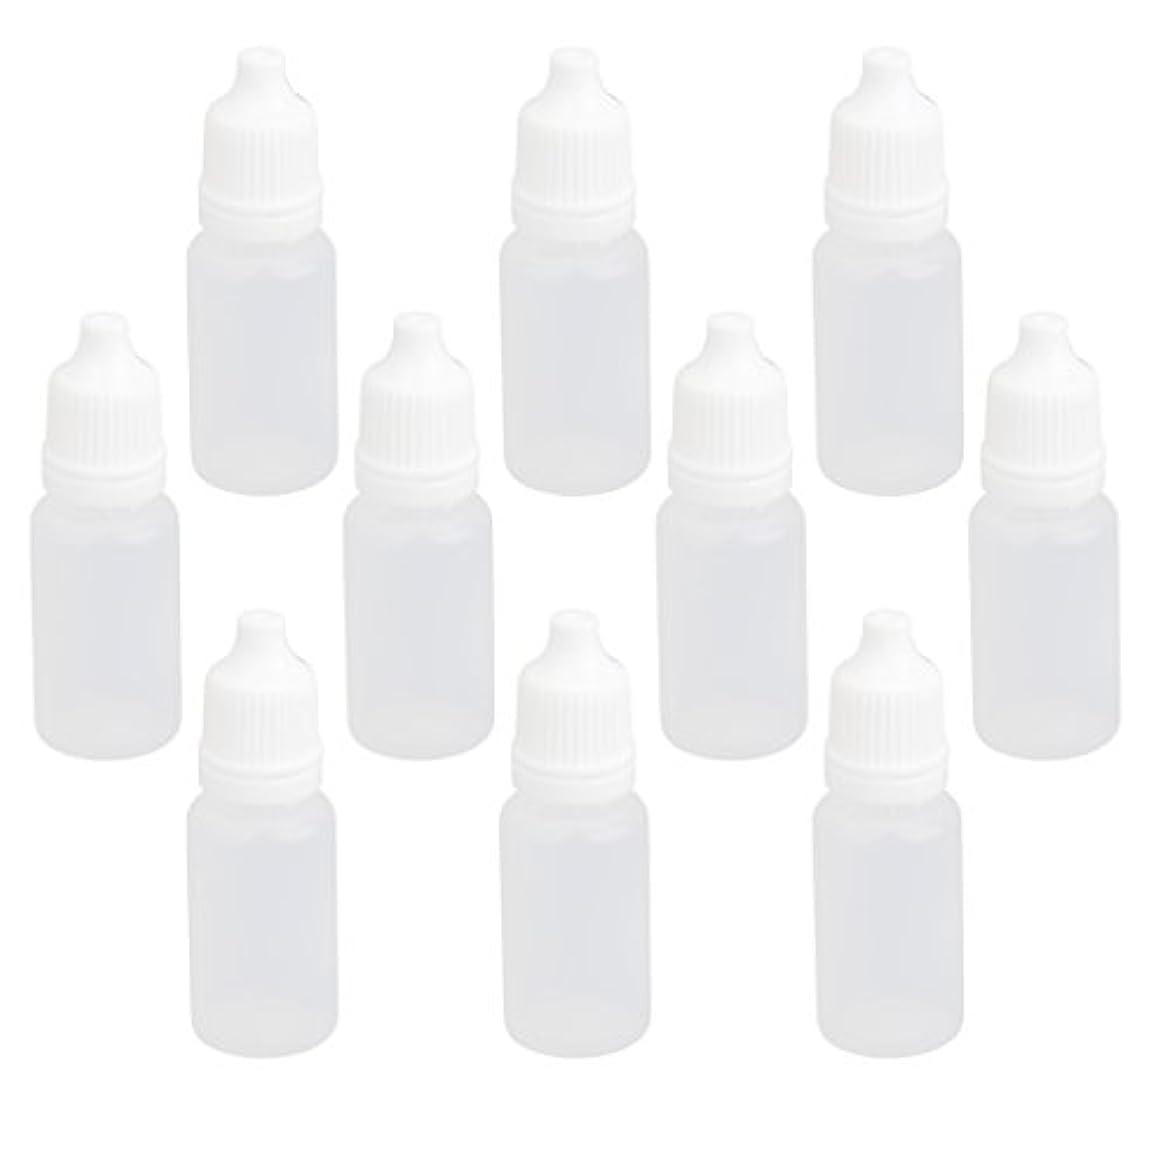 【ノーブランド品】ドロッパーボトル 点眼 液体 貯蔵用 滴瓶 プラスチック製 10個 (10ml)